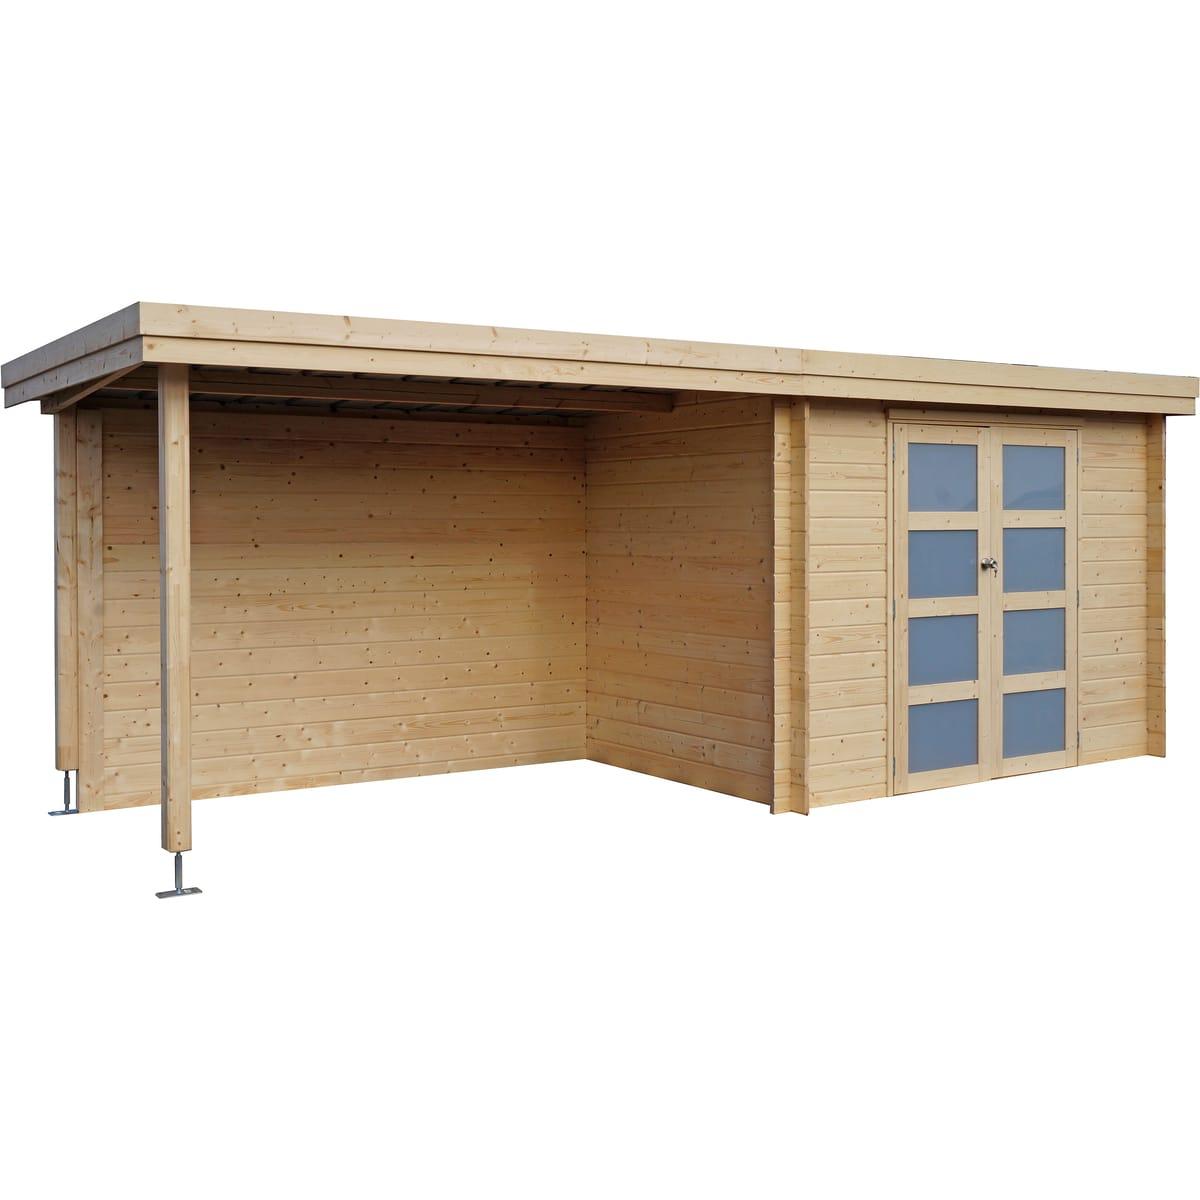 Abri Jardin Bois Apetina / Toit Plat Avec Auvent / 15.44 M² destiné Abris De Jardin Auchan